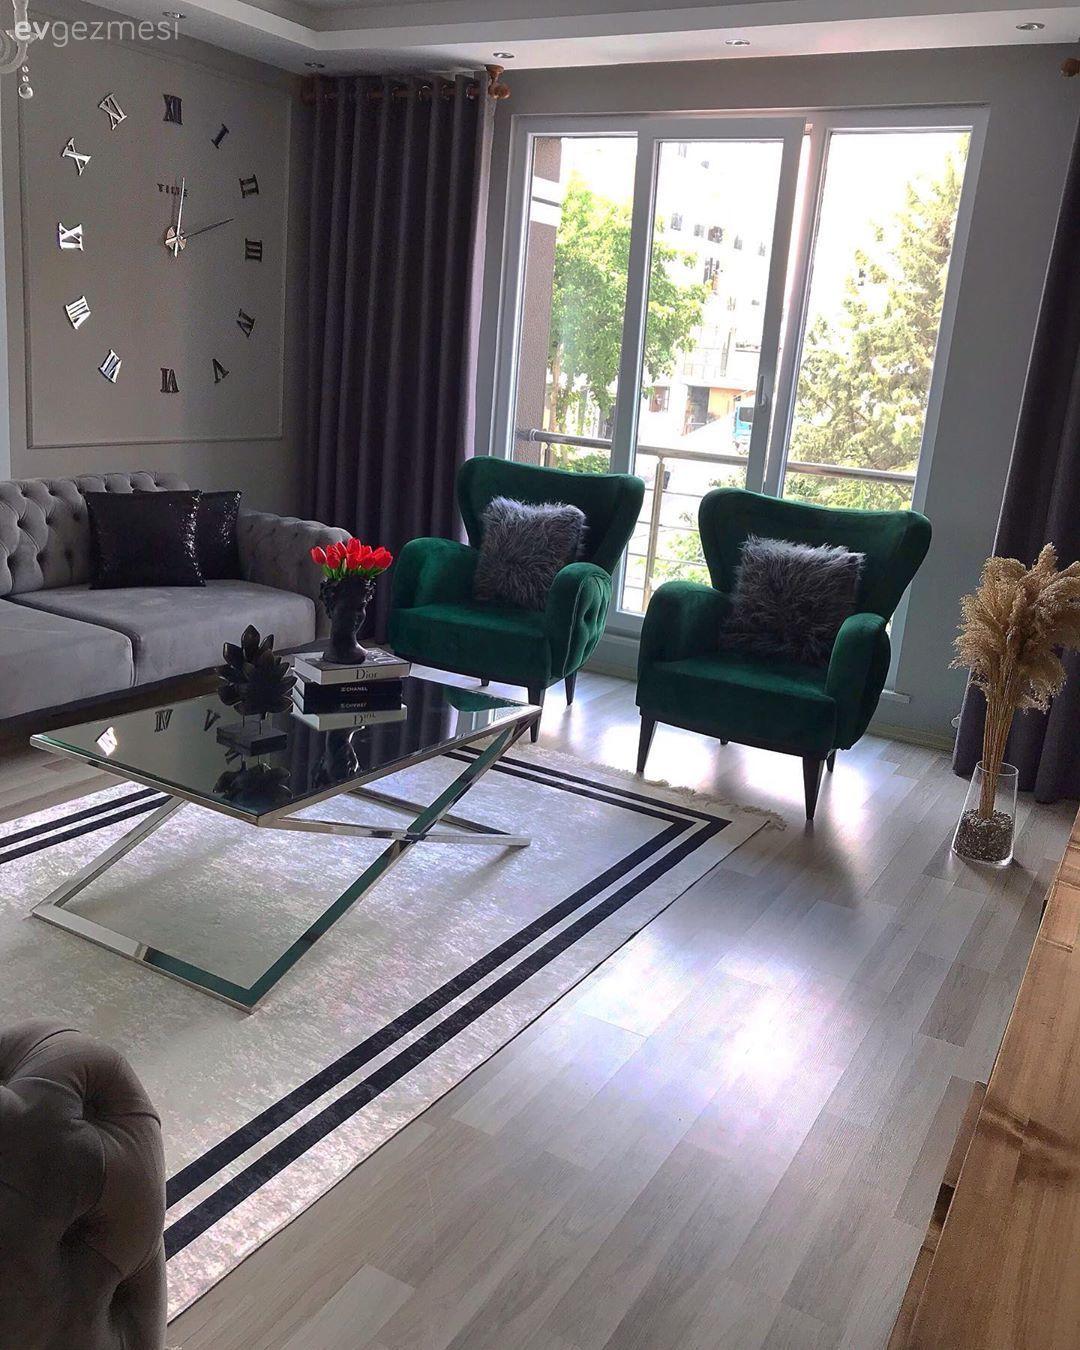 Bu Istanbul Evinde Modern Ve Art Deko Bulusmus Ev Gezmesi Oturma Odasi Takimlari Oturma Odasi Tasarimlari Ikea Oturma Odasi